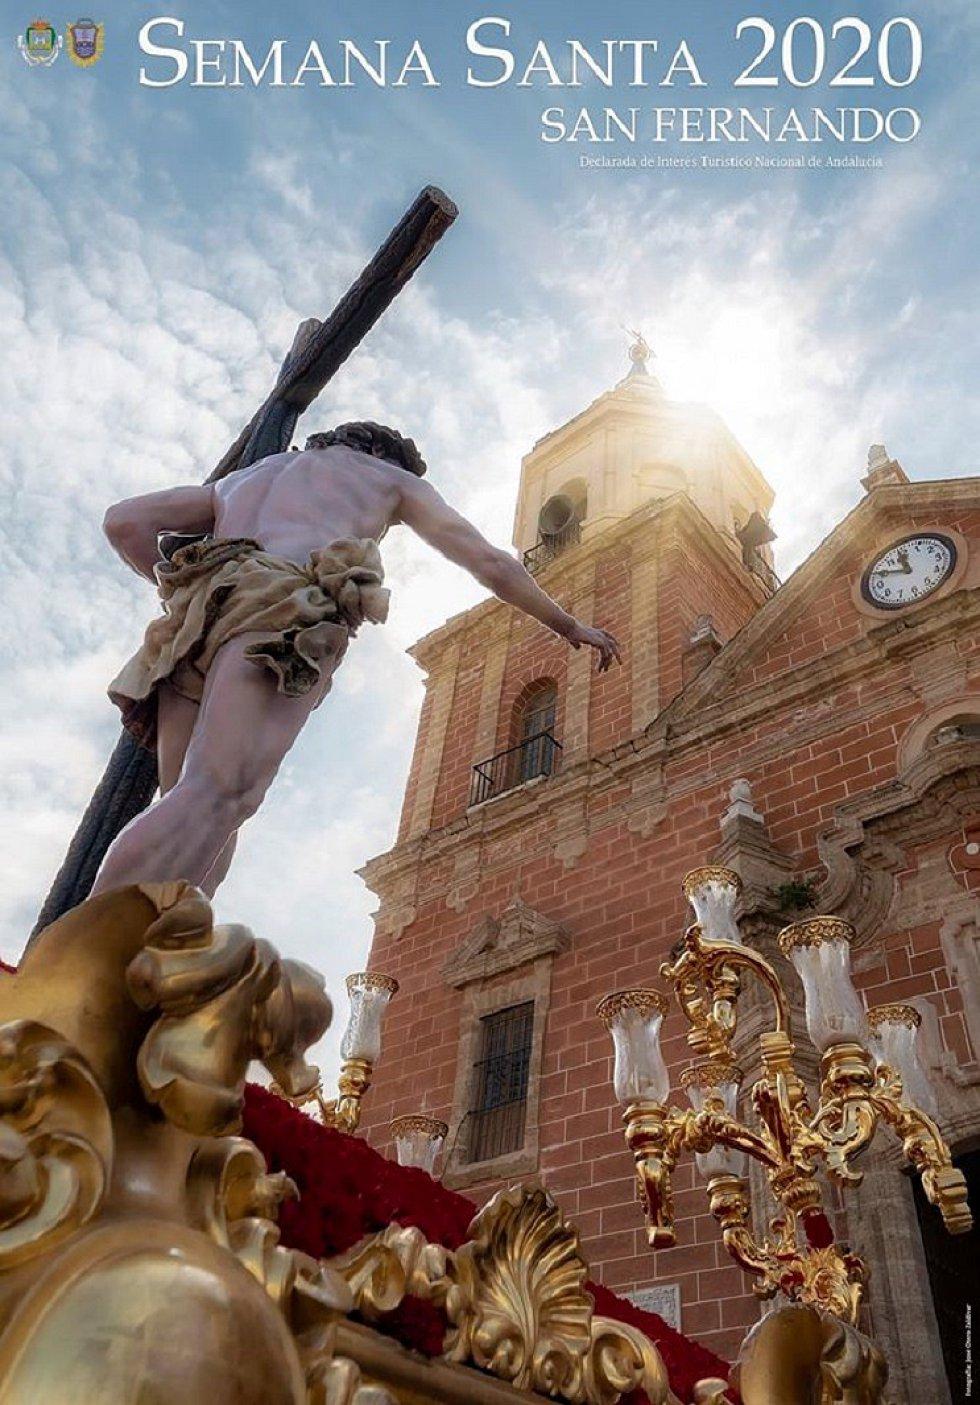 En San Fernando, José Otero fotografía al Señor Resucitado para anunciar la Semana Santa isleña de 2020.